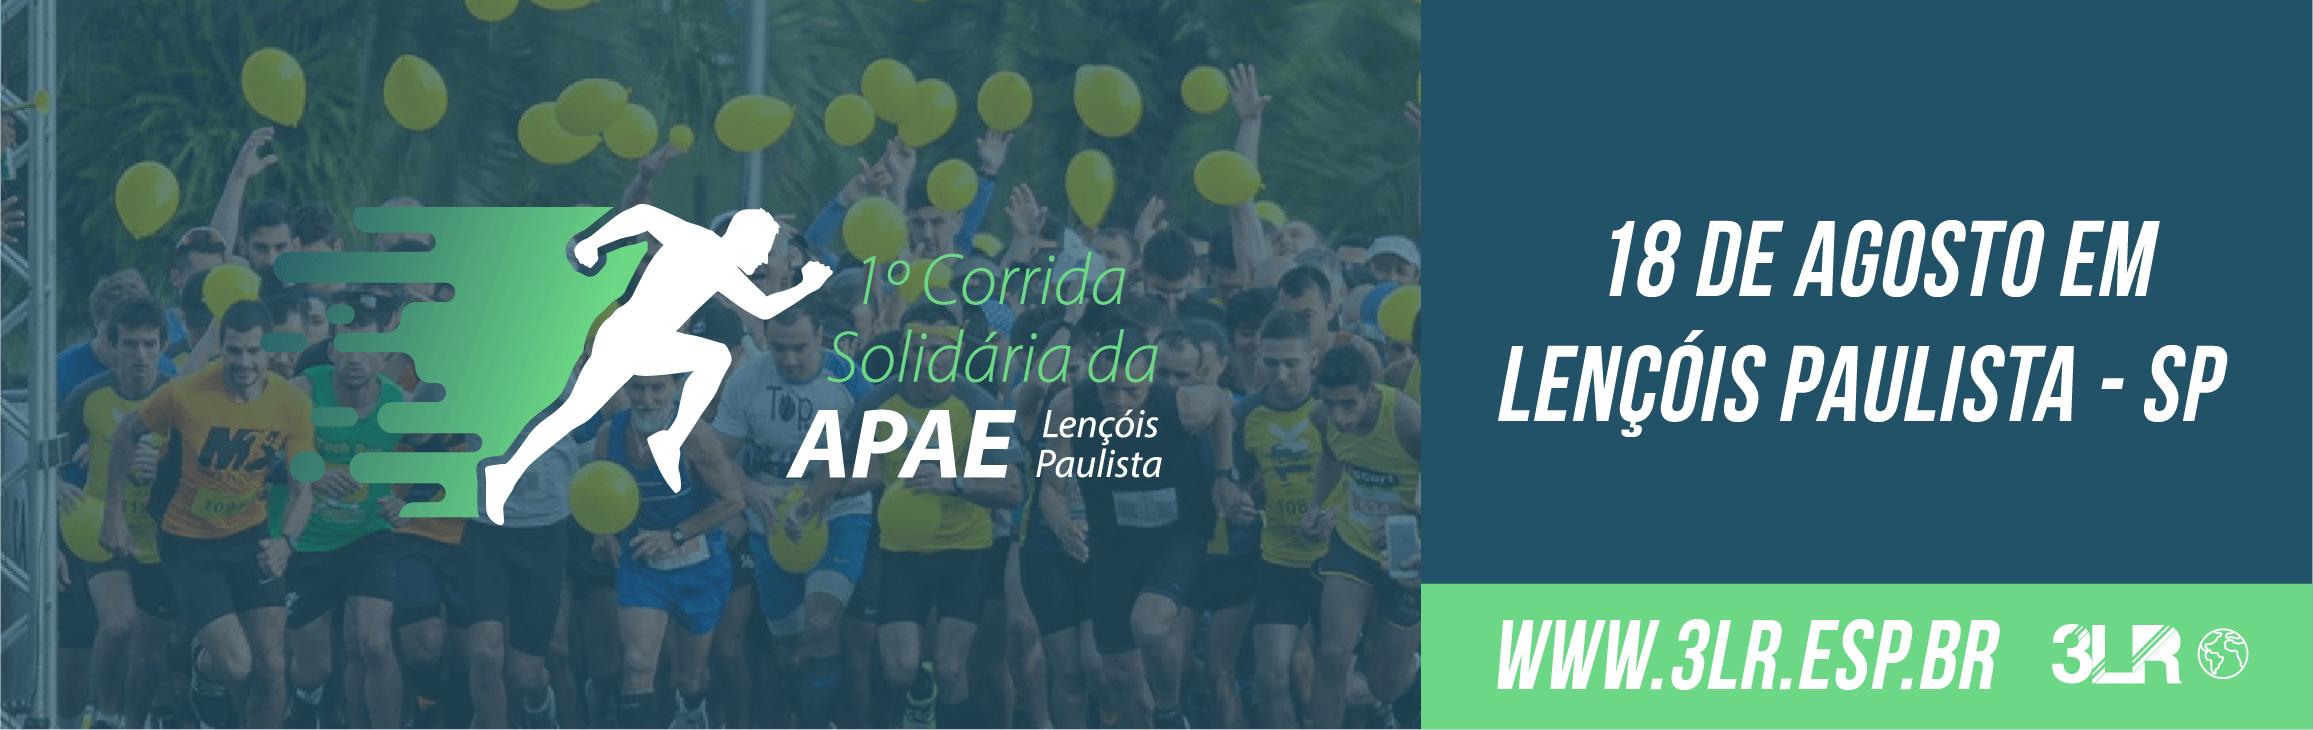 9abbafdba2fa DATA: A 1ª CORRIDA SOLIDÁRIA APAE DE LENÇÓIS PAULISTA será realizada no  domingo, dia 18 de agosto de 2019.